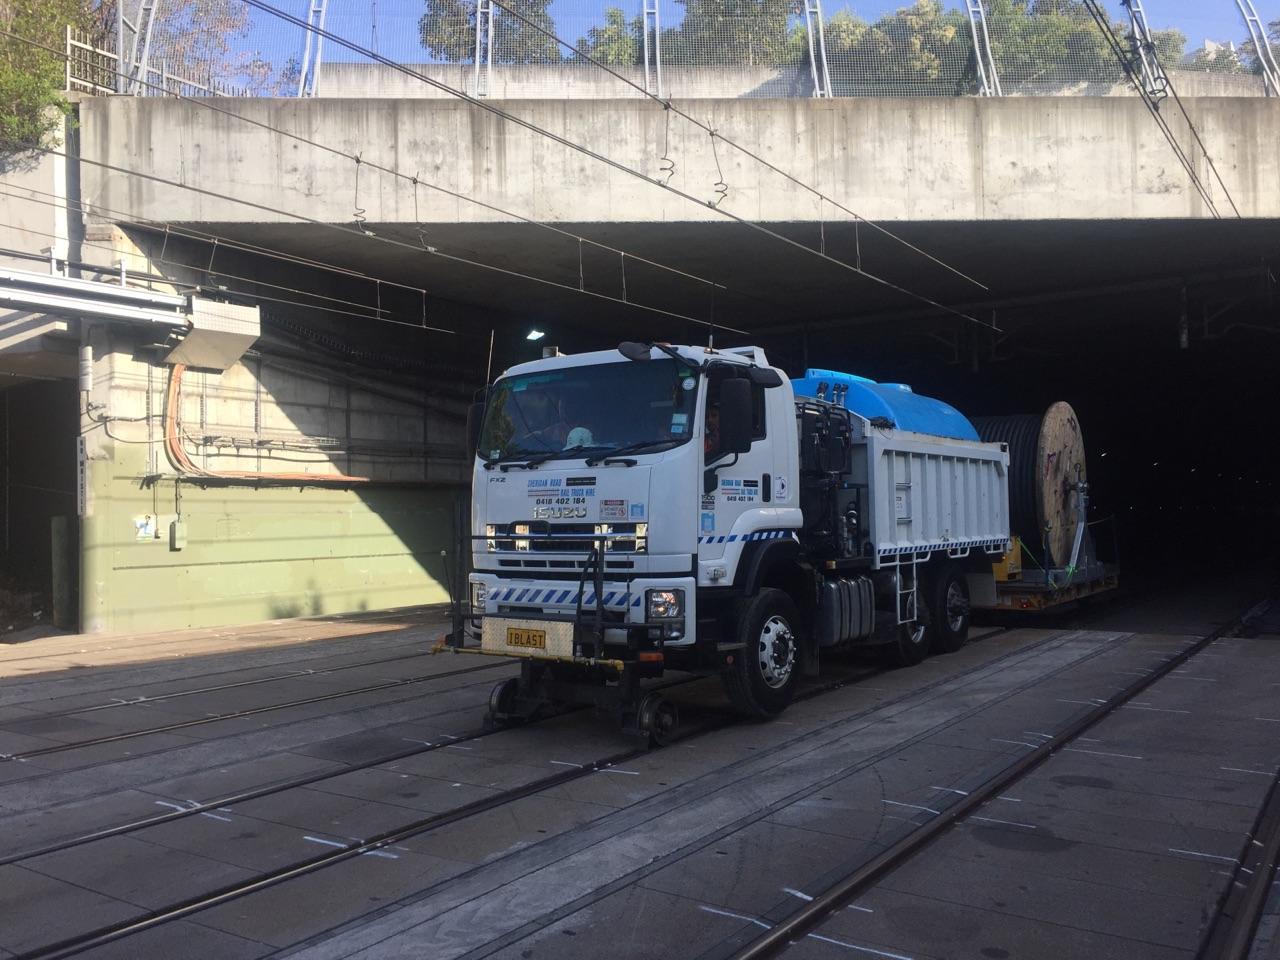 IBLAST-Isuzu-Hirail-Water-Blaster-10000L-Tipper-Tow-Truck-8.jpg